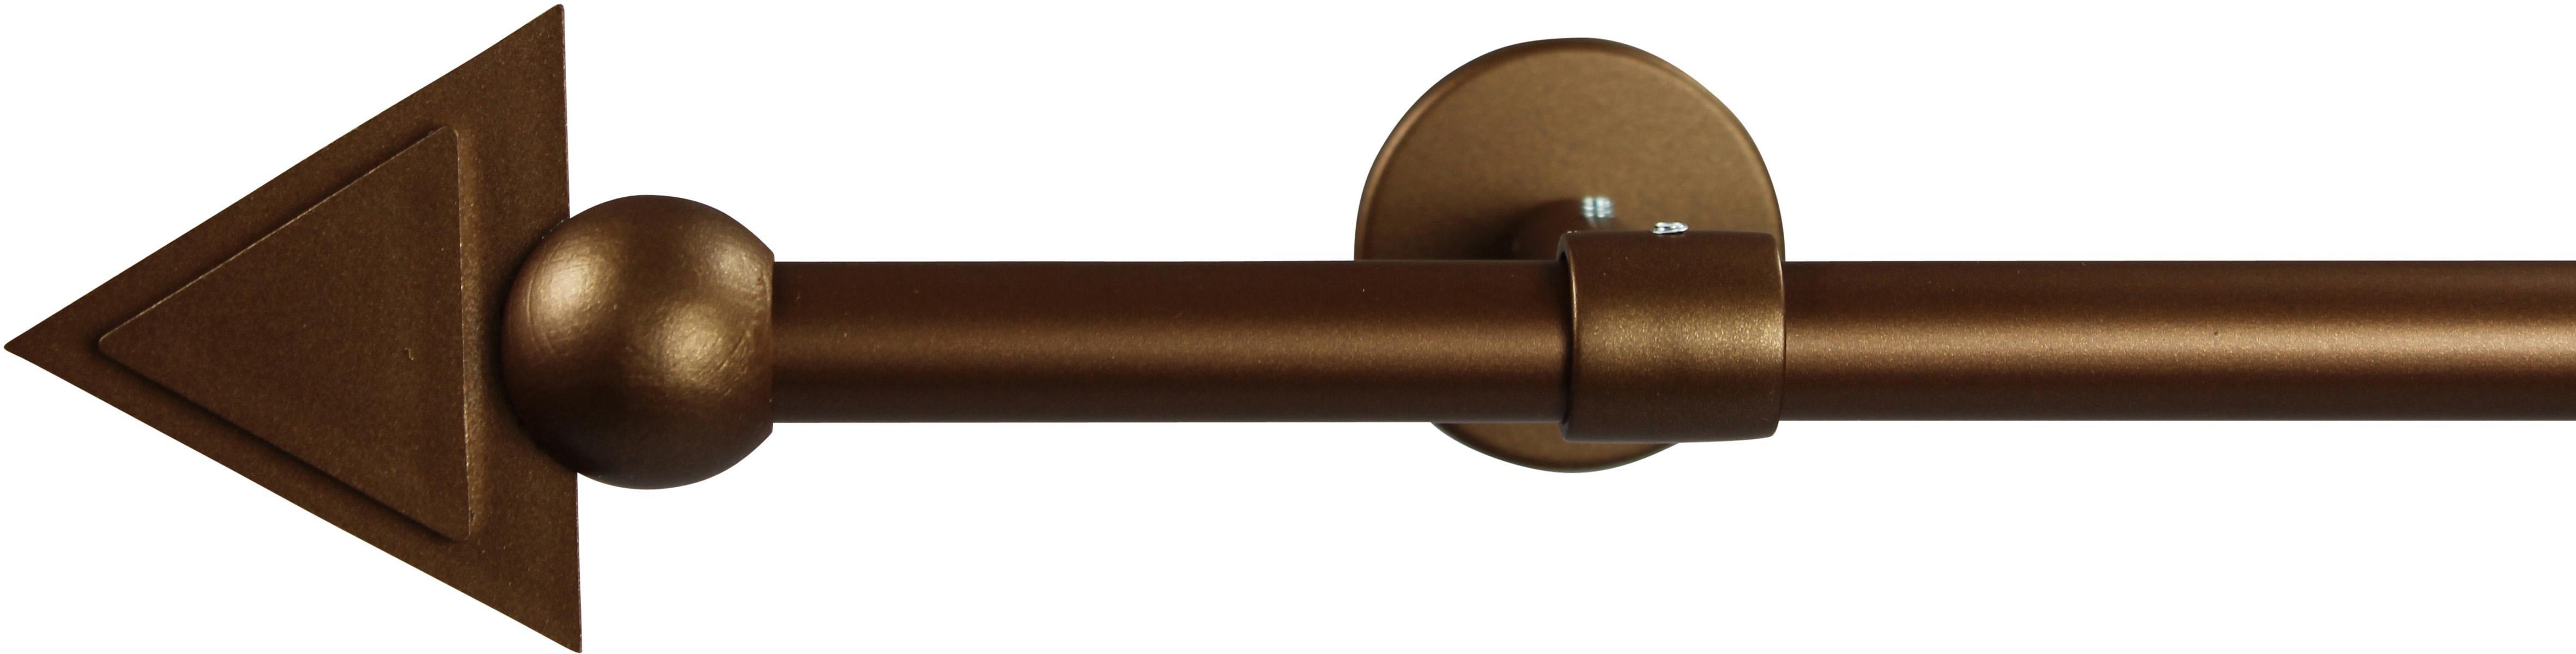 Gardinenstange 16 mm Pyra, ohne Ringe, mit geschlossenen Träger, nach Maß | Heimtextilien > Gardinen und Vorhänge > Gardinenstangen | GARESA